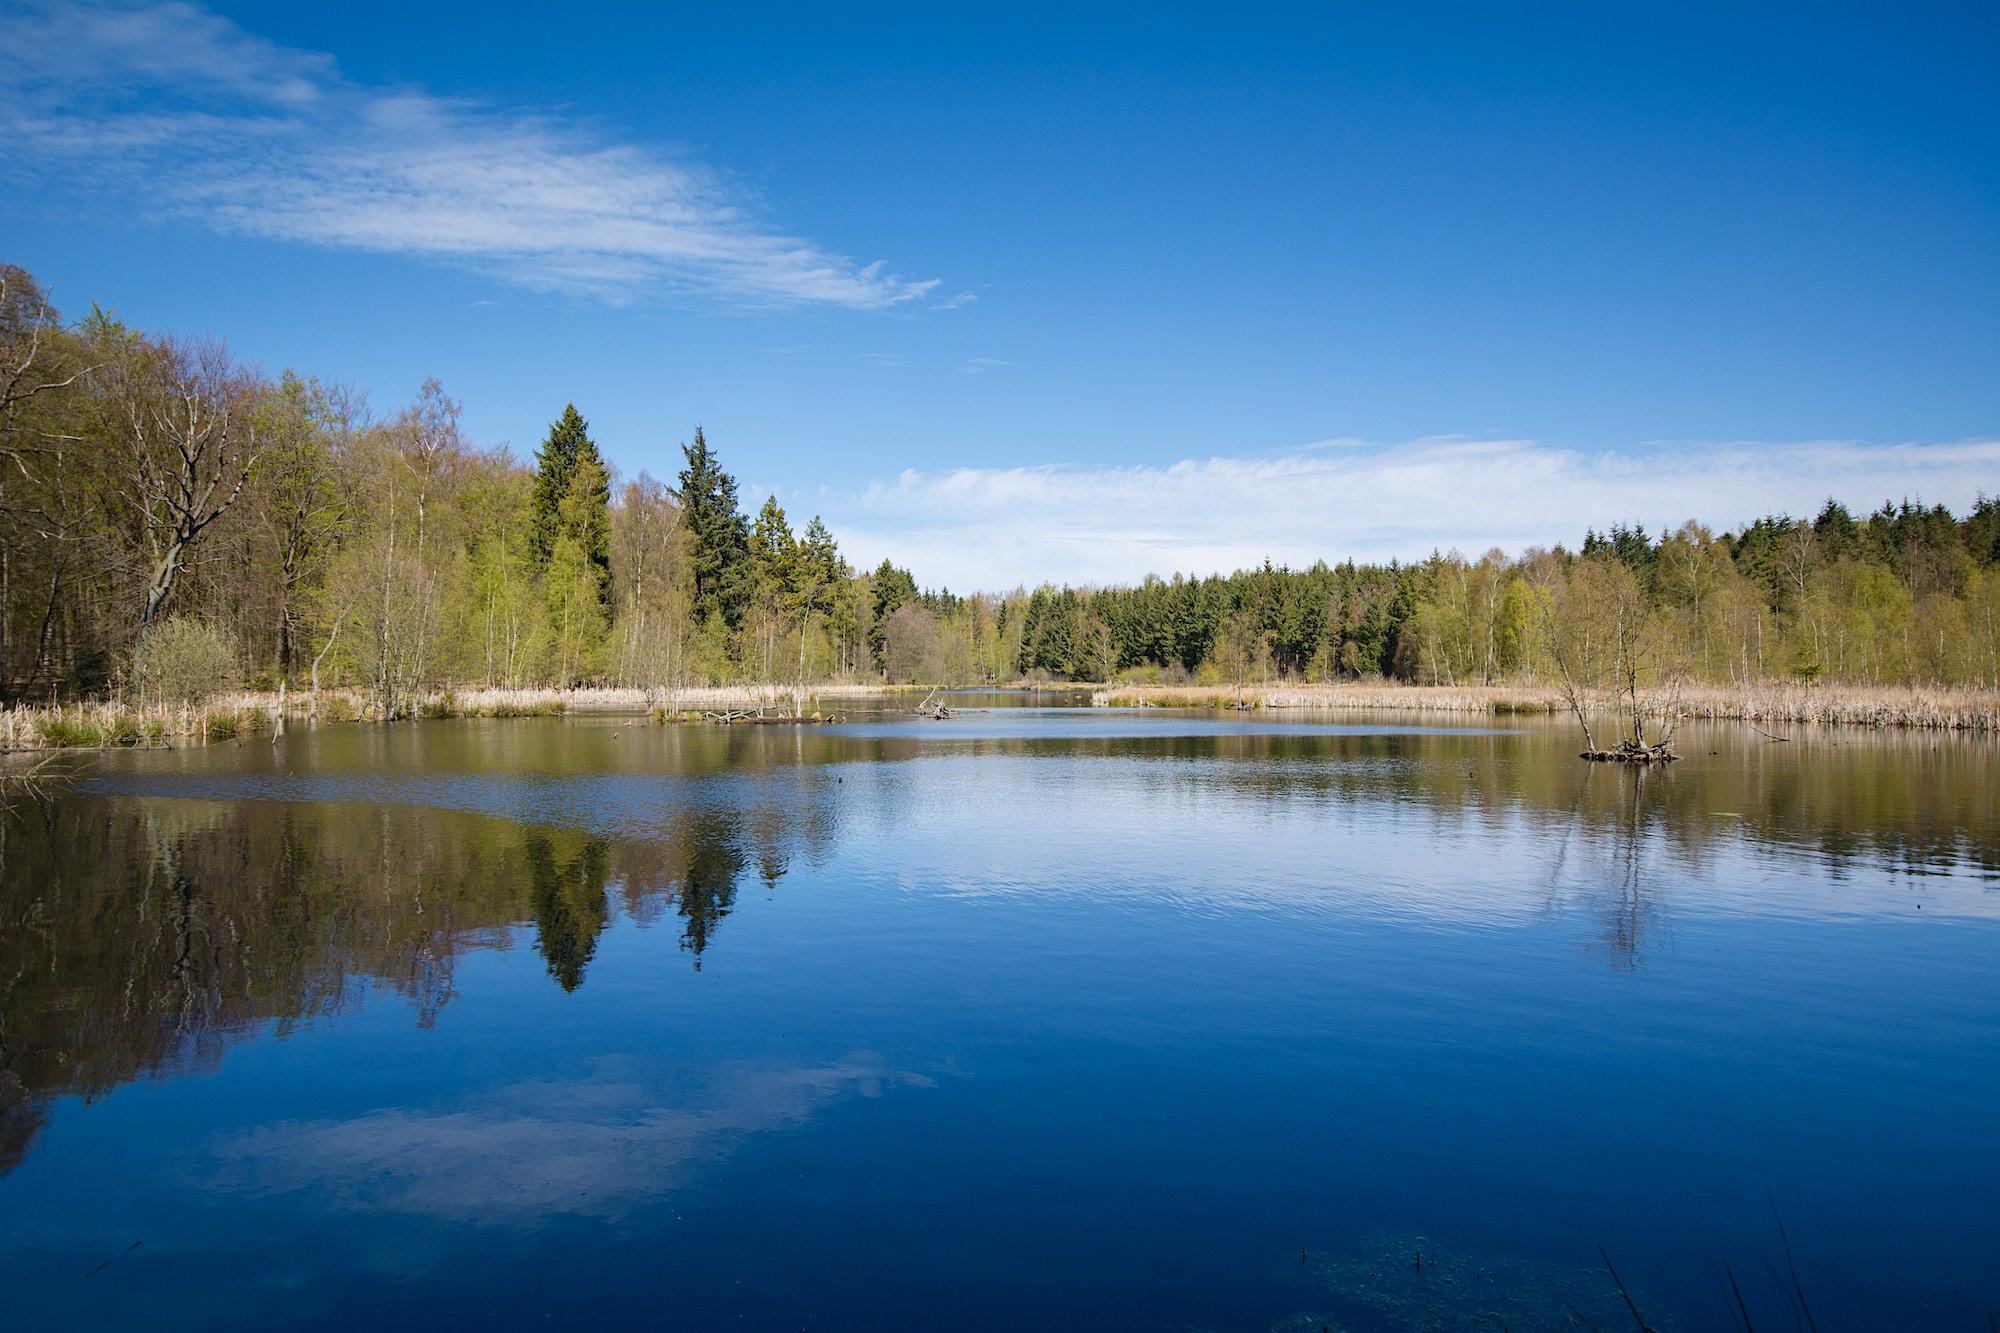 Genoprettet Sø i Klosterris Hegn (foto: Rune Engelbreth Larsen)